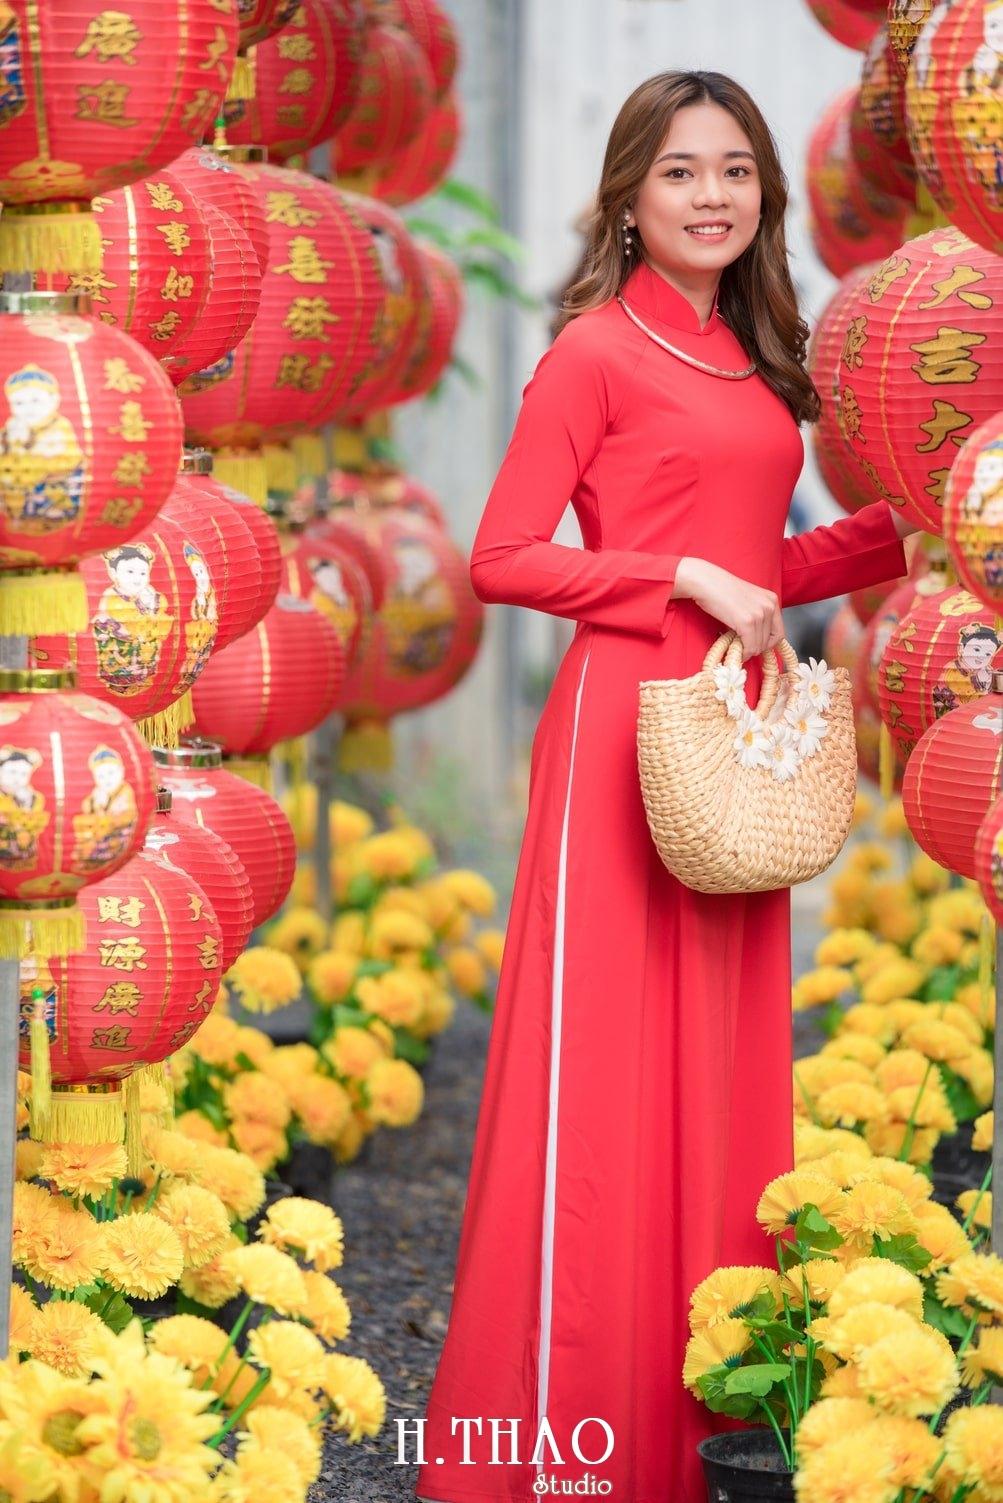 Ao dai tet do 14 - Top 40 ảnh áo dài chụp với Hoa đào, hoa mai tết tuyệt đẹp- HThao Studio